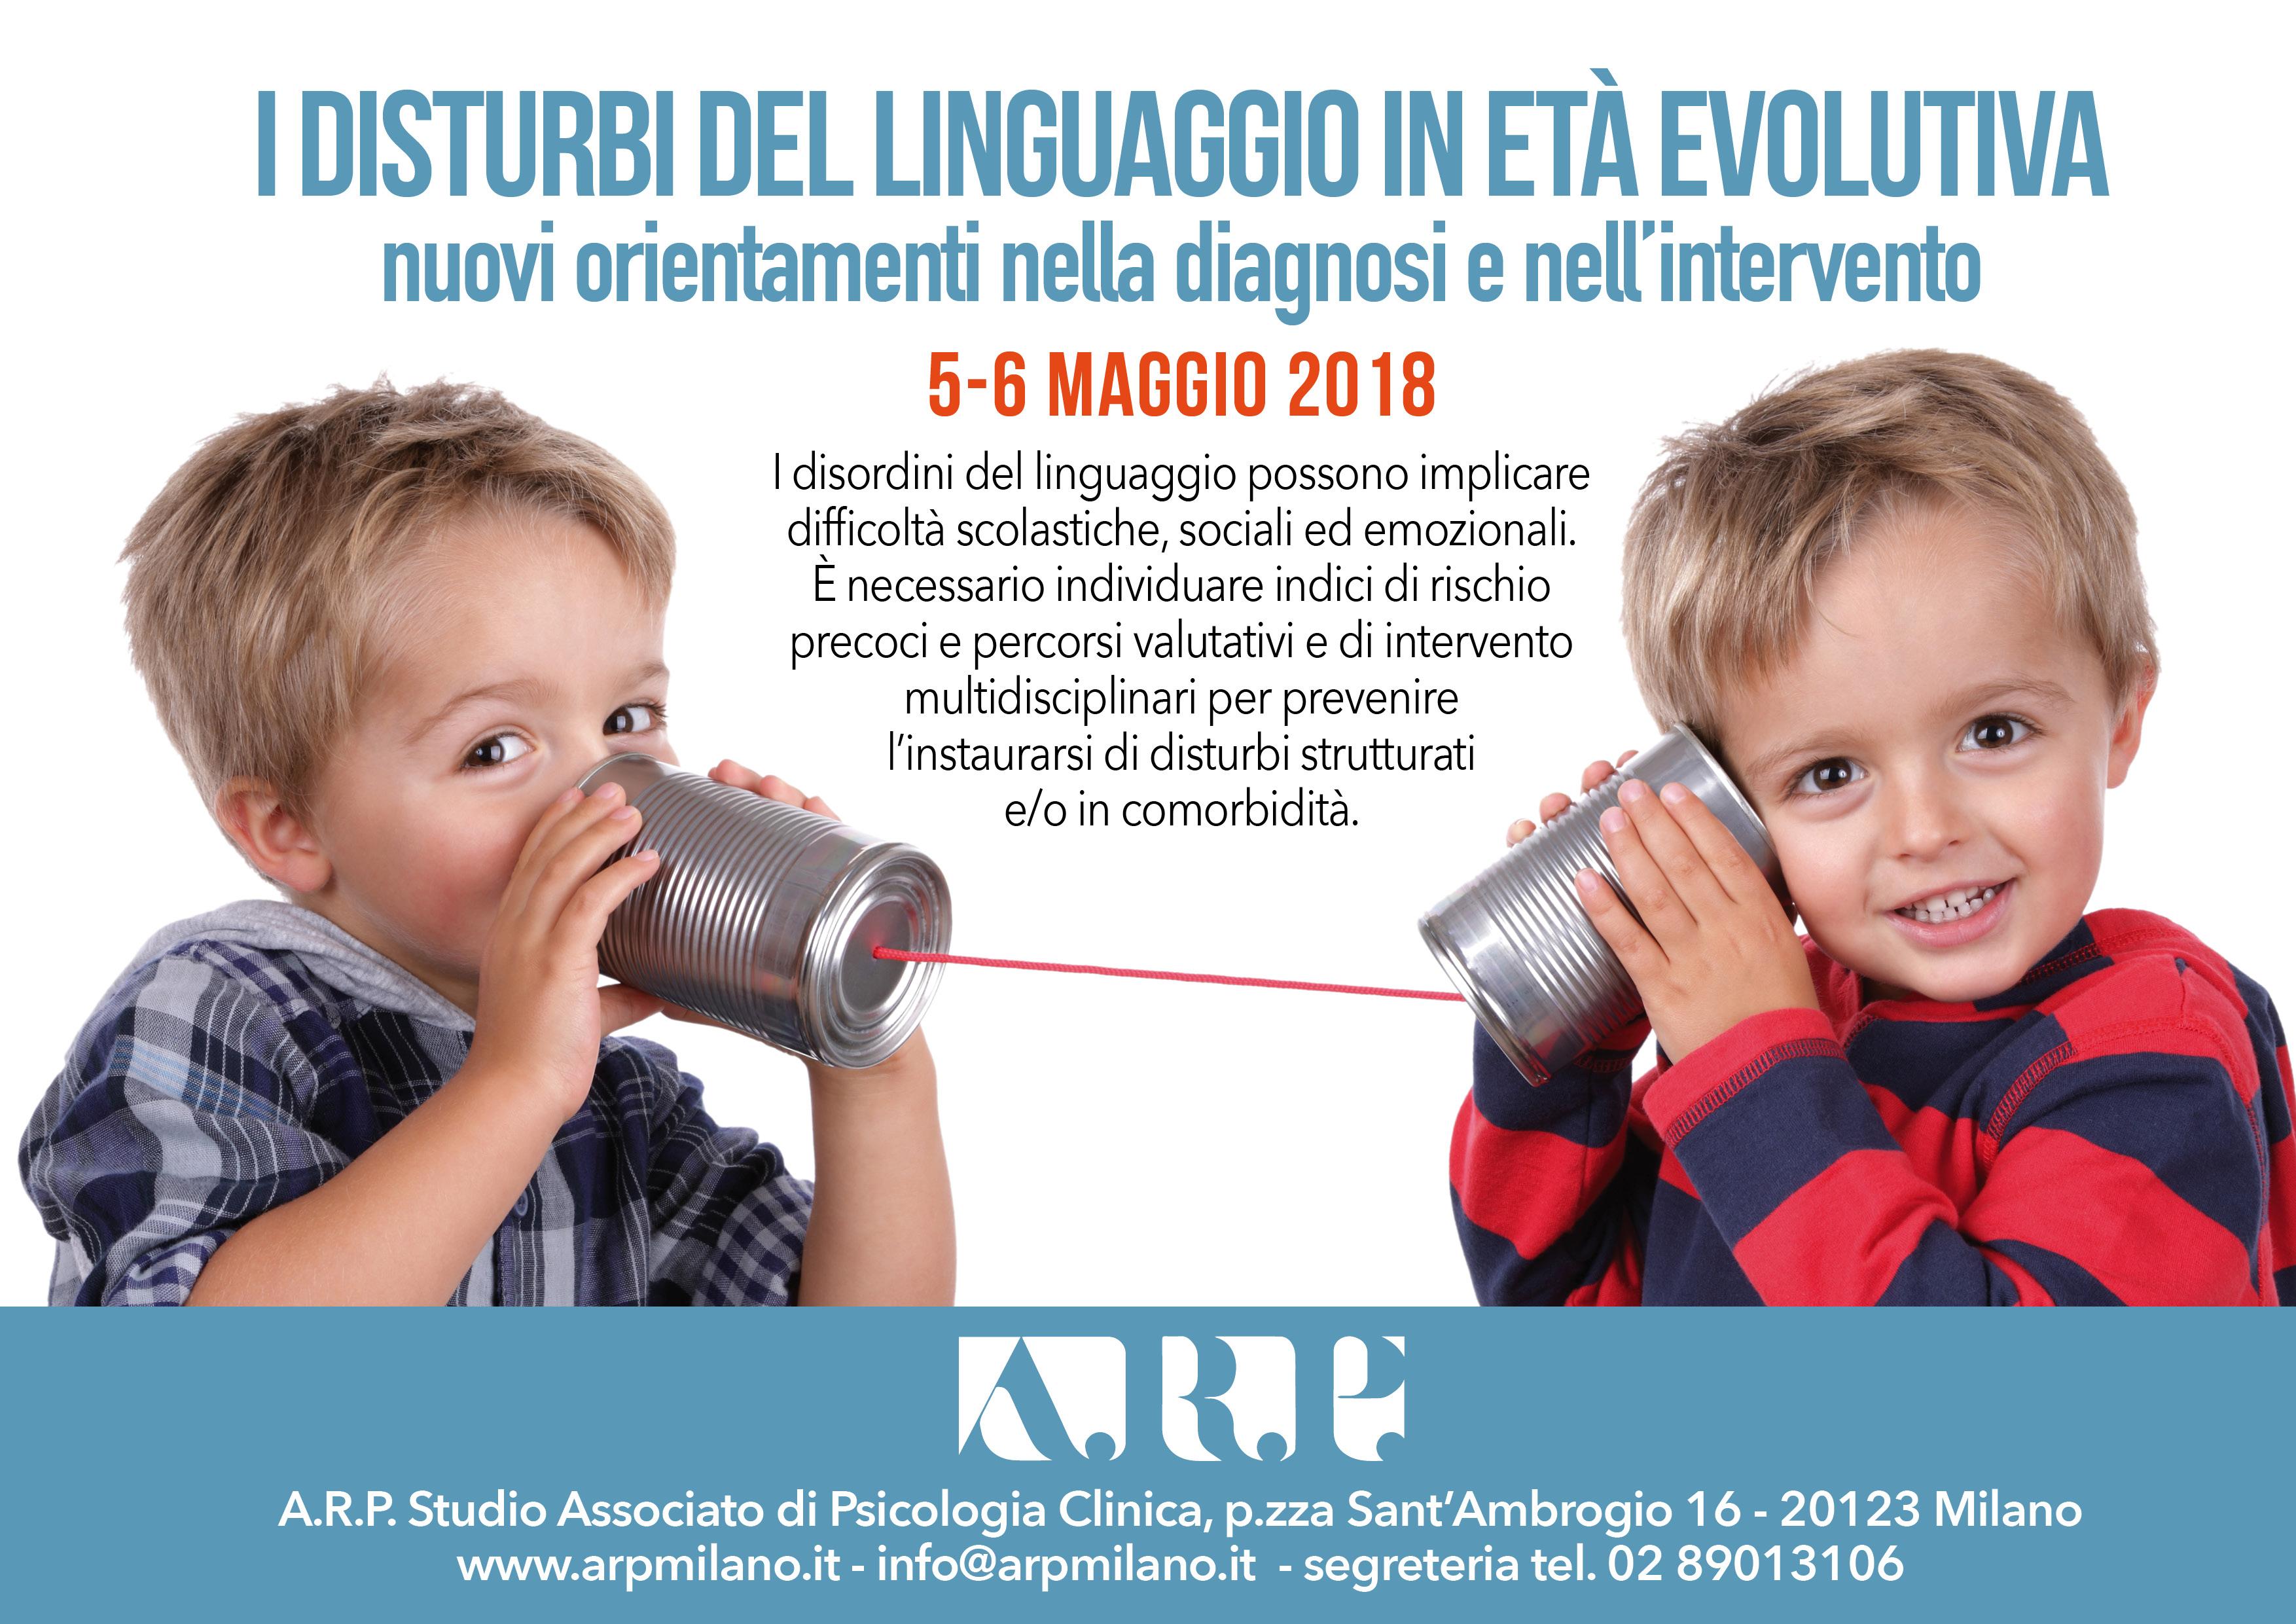 I Disturbi Del Linguaggio In Età Evolutiva: Nuovi Orientamenti Nella Diagnosi E Nell'intervento